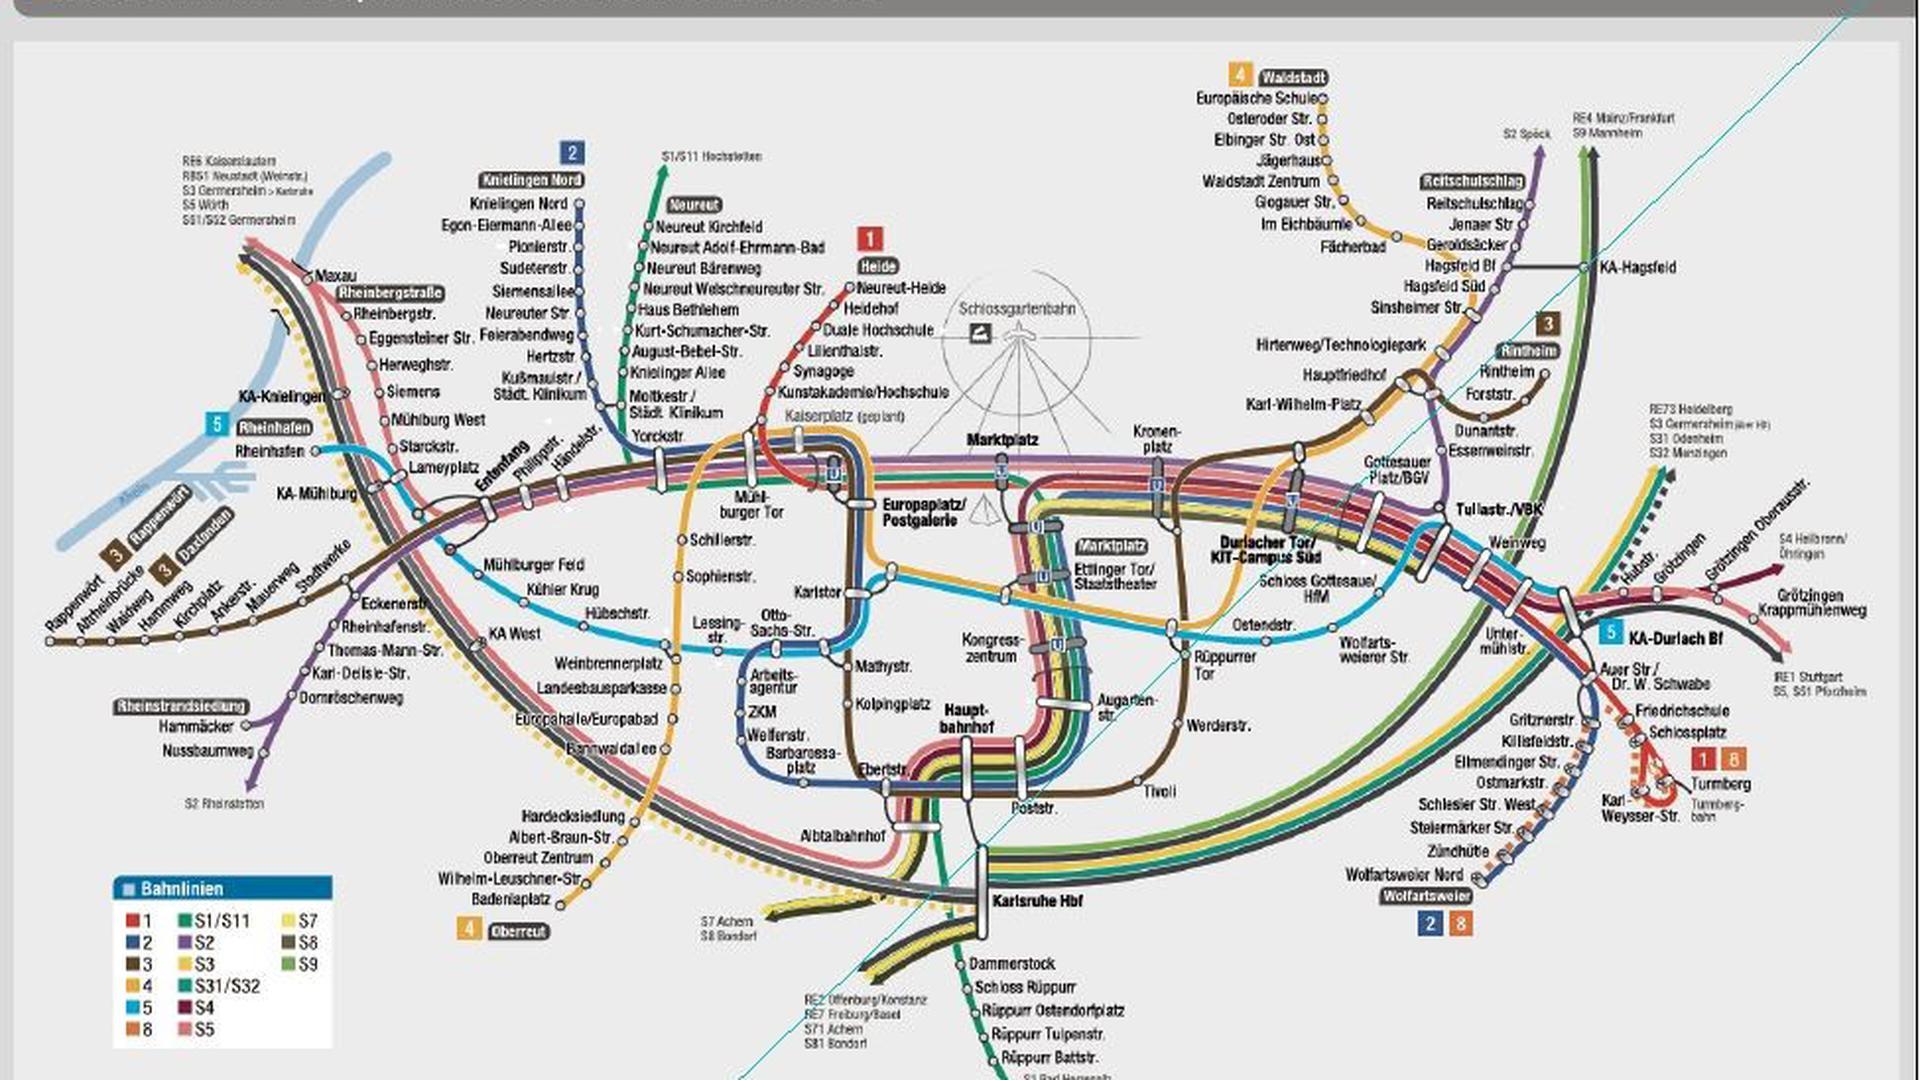 Der neue Liniennetzplan, der ab Ende 2021 gilt.